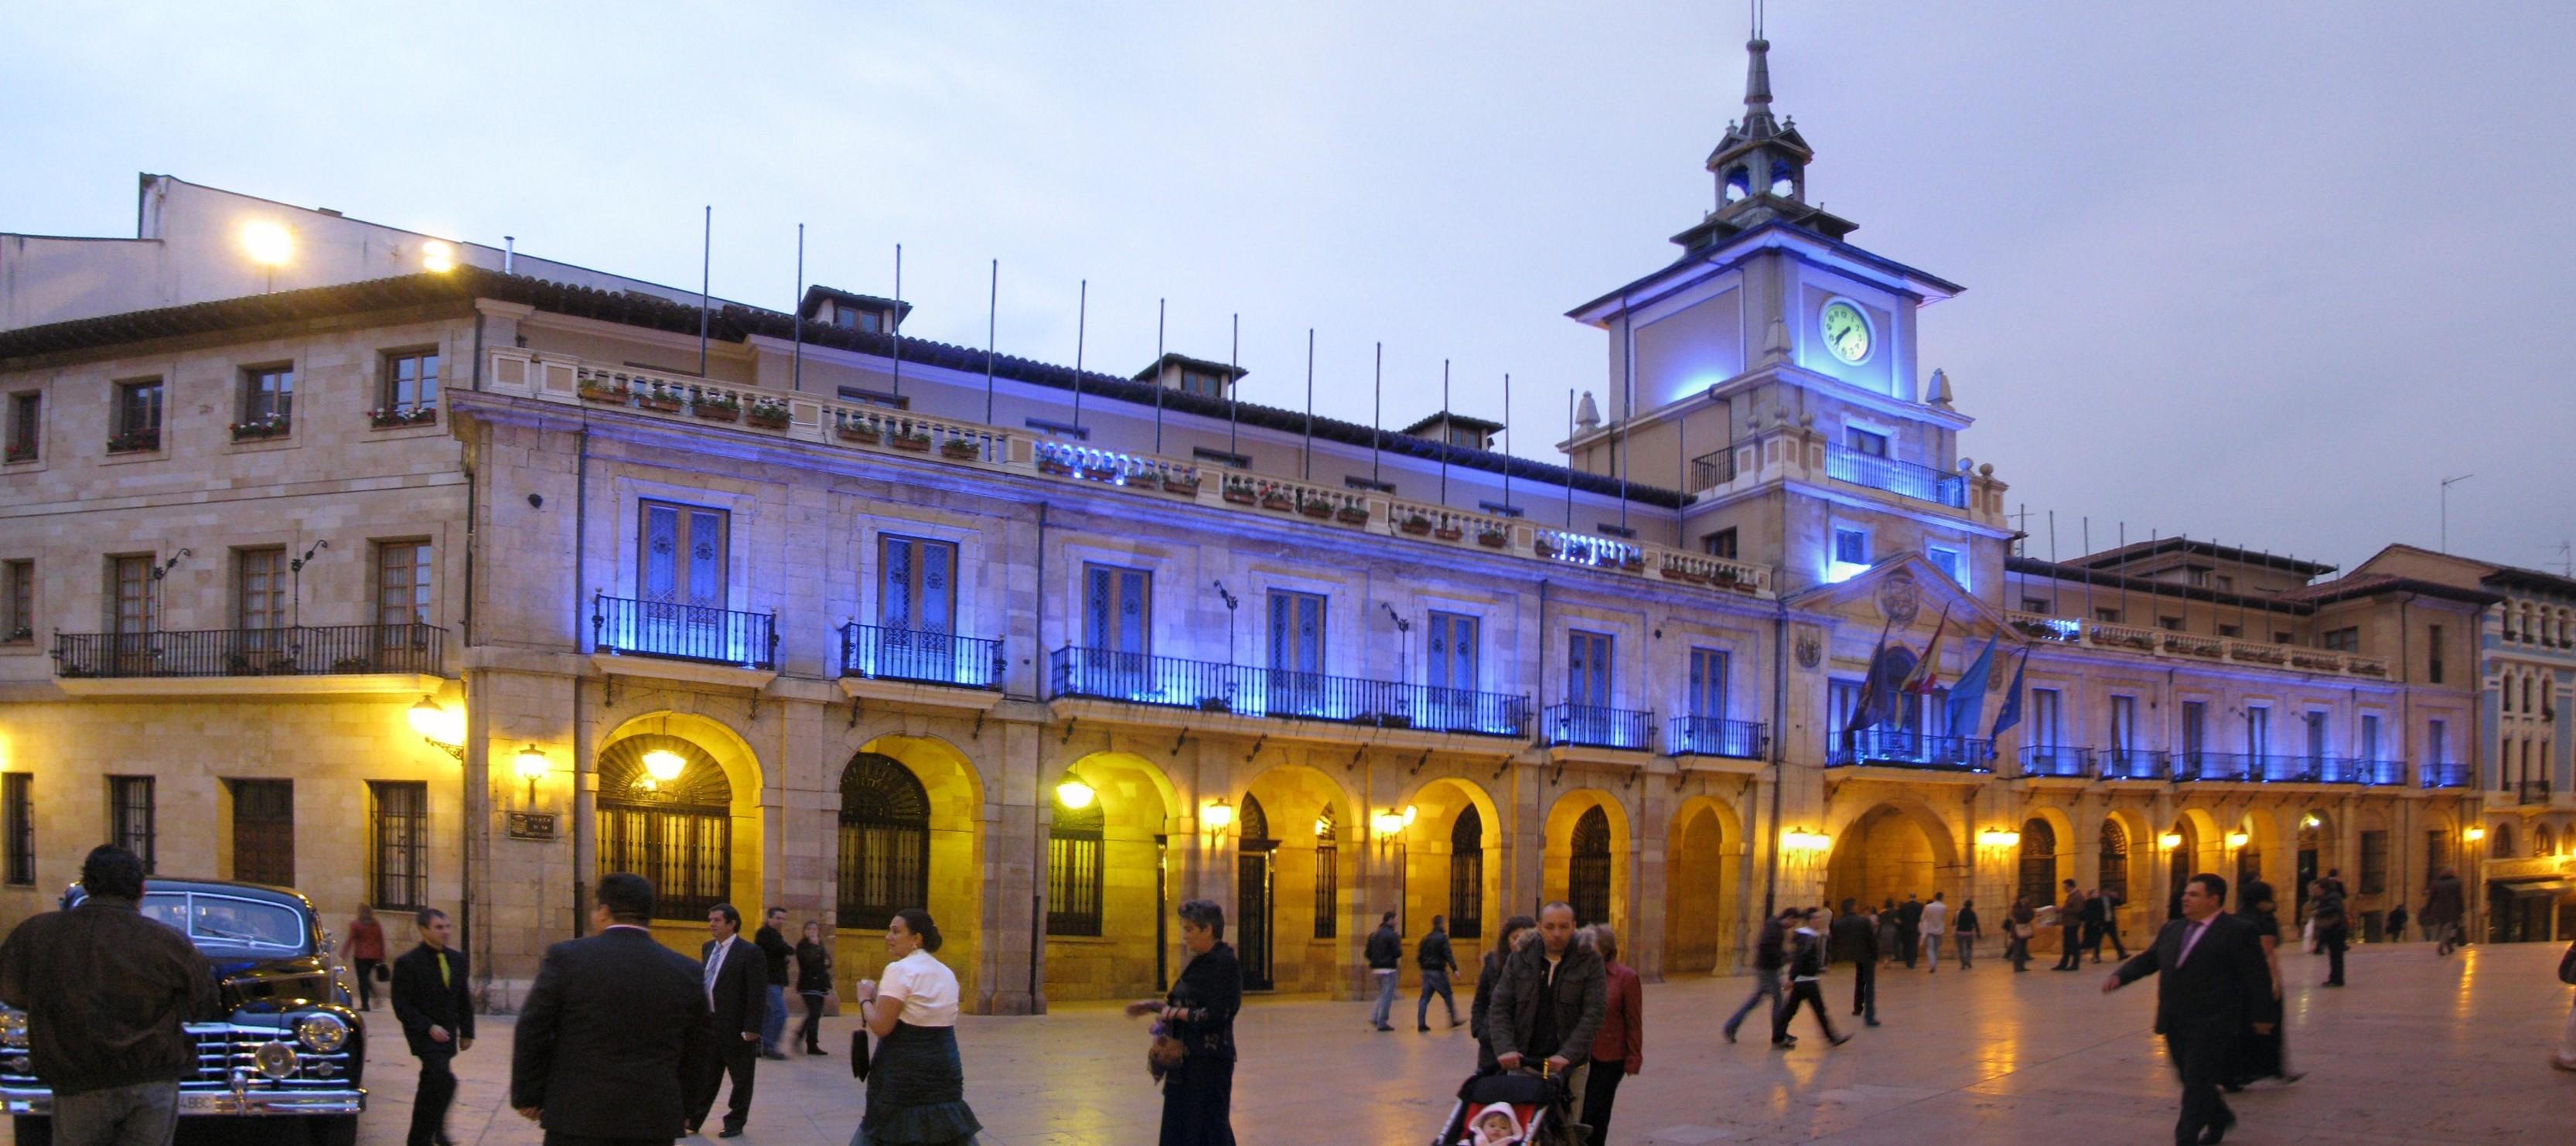 Archivo:Oviedo - Plaza de la Constitucion - Ayuntamiento ...